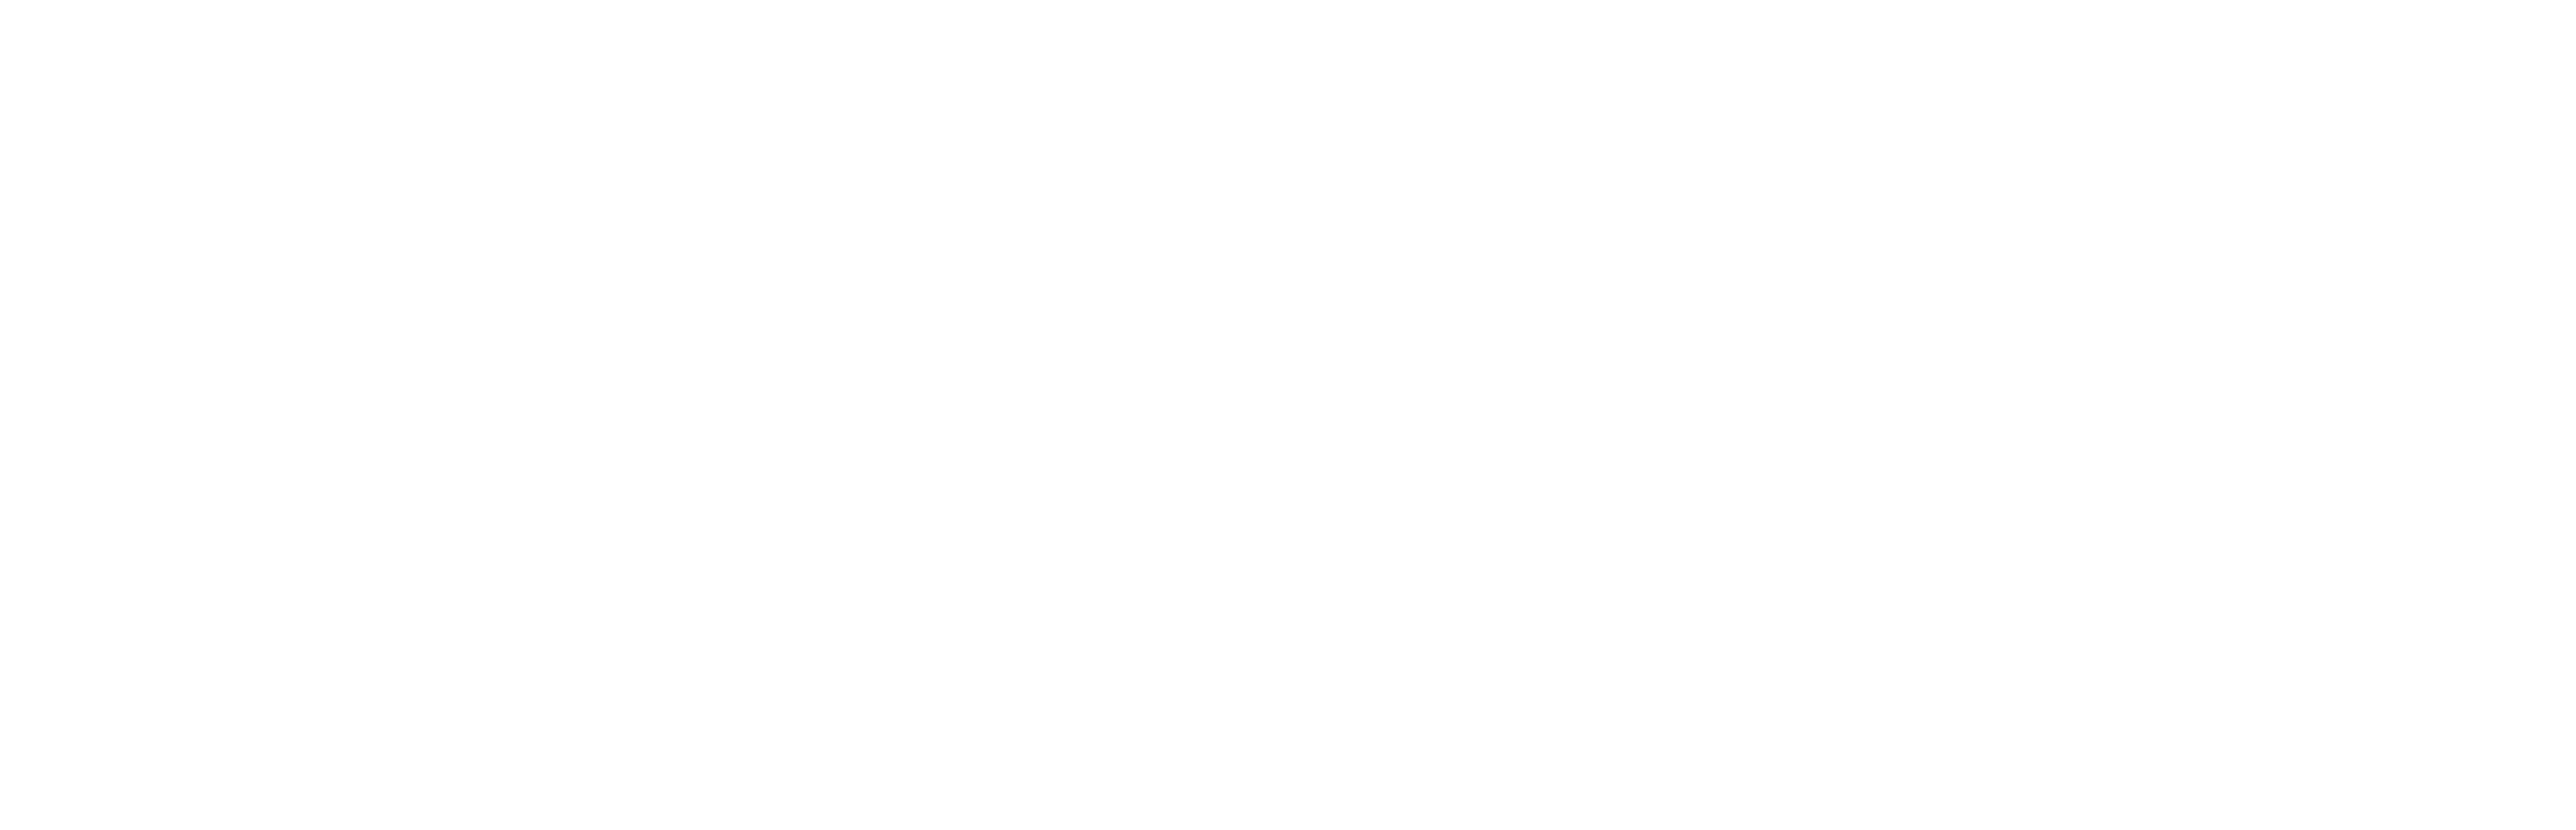 tbyholding.com